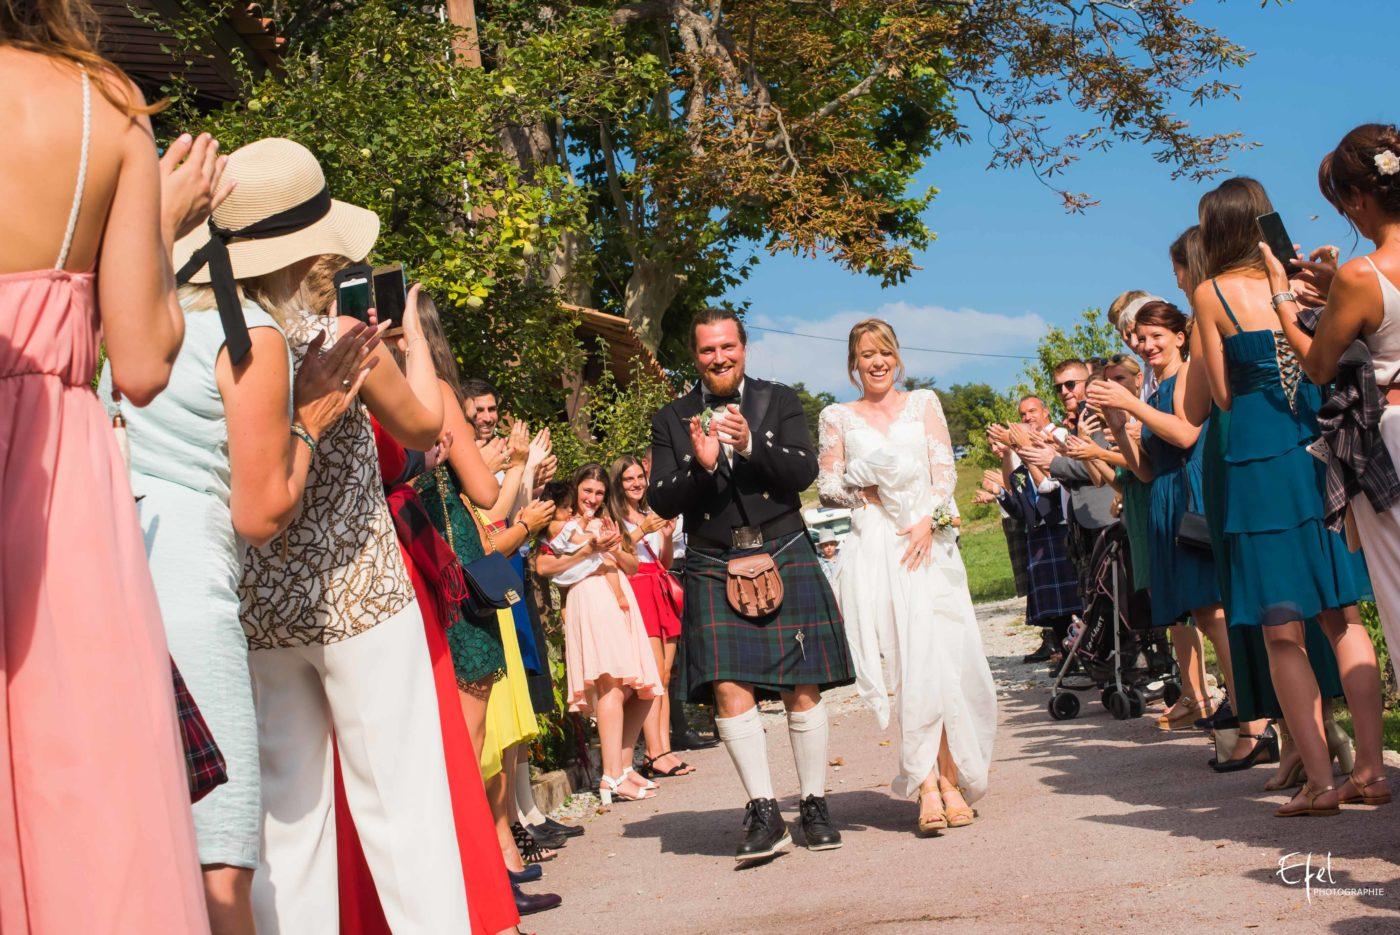 Mariage original en kilt dans les Alpes maritimes - photographe mariage Hautes alpes, Alpes Maritimes et région PACA